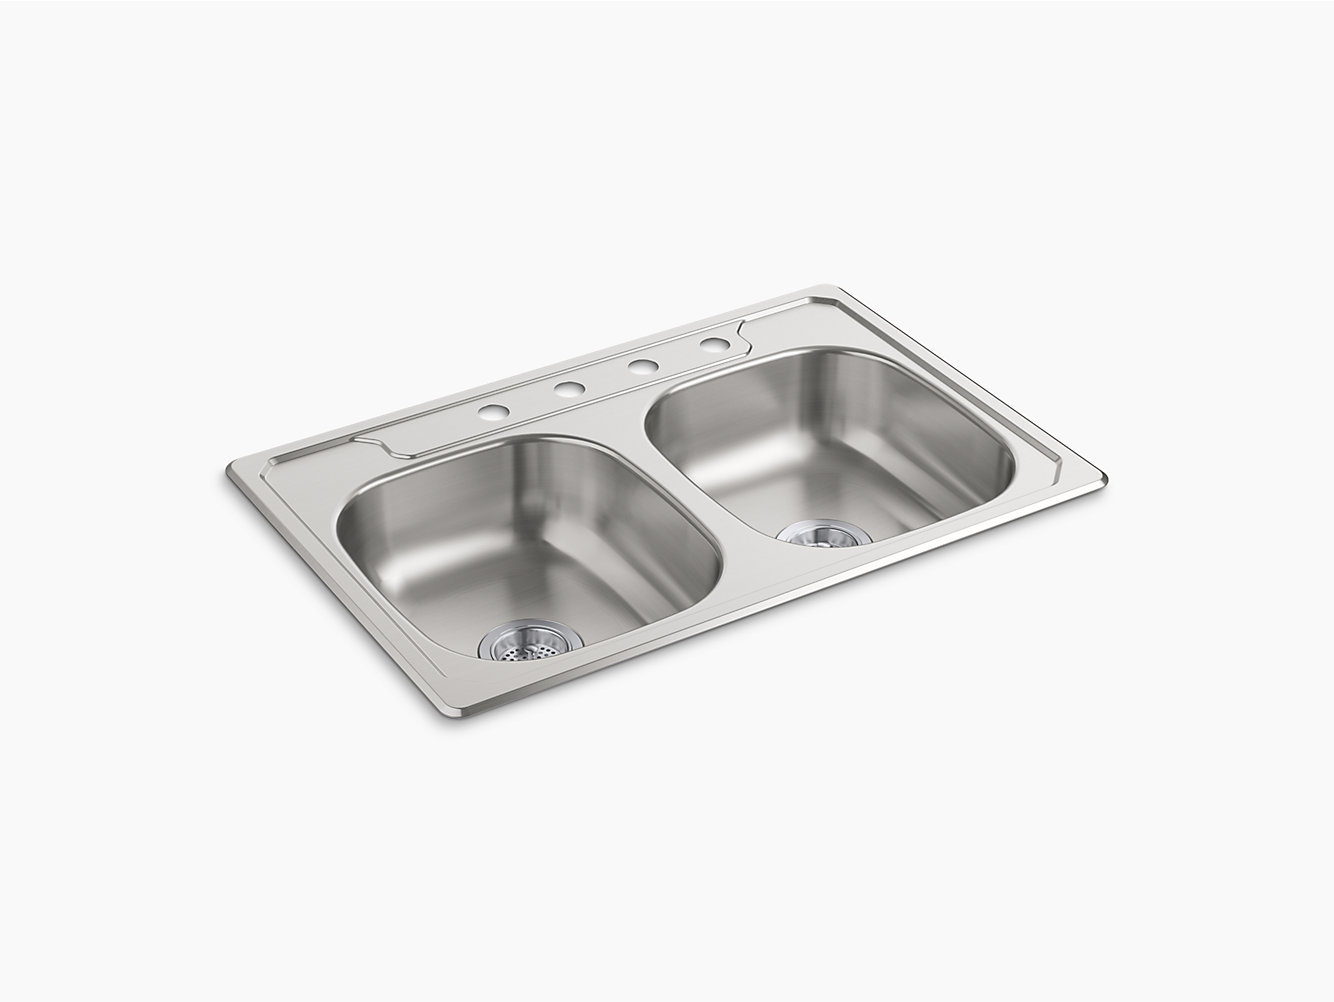 Double Bowl Kitchen Sinks Middleton top mount double bowl kitchen sink 33 x 22 x 6 14633 middleton top mount double bowl kitchen sink 33 x 22 x 6 14633 4f na sterling workwithnaturefo